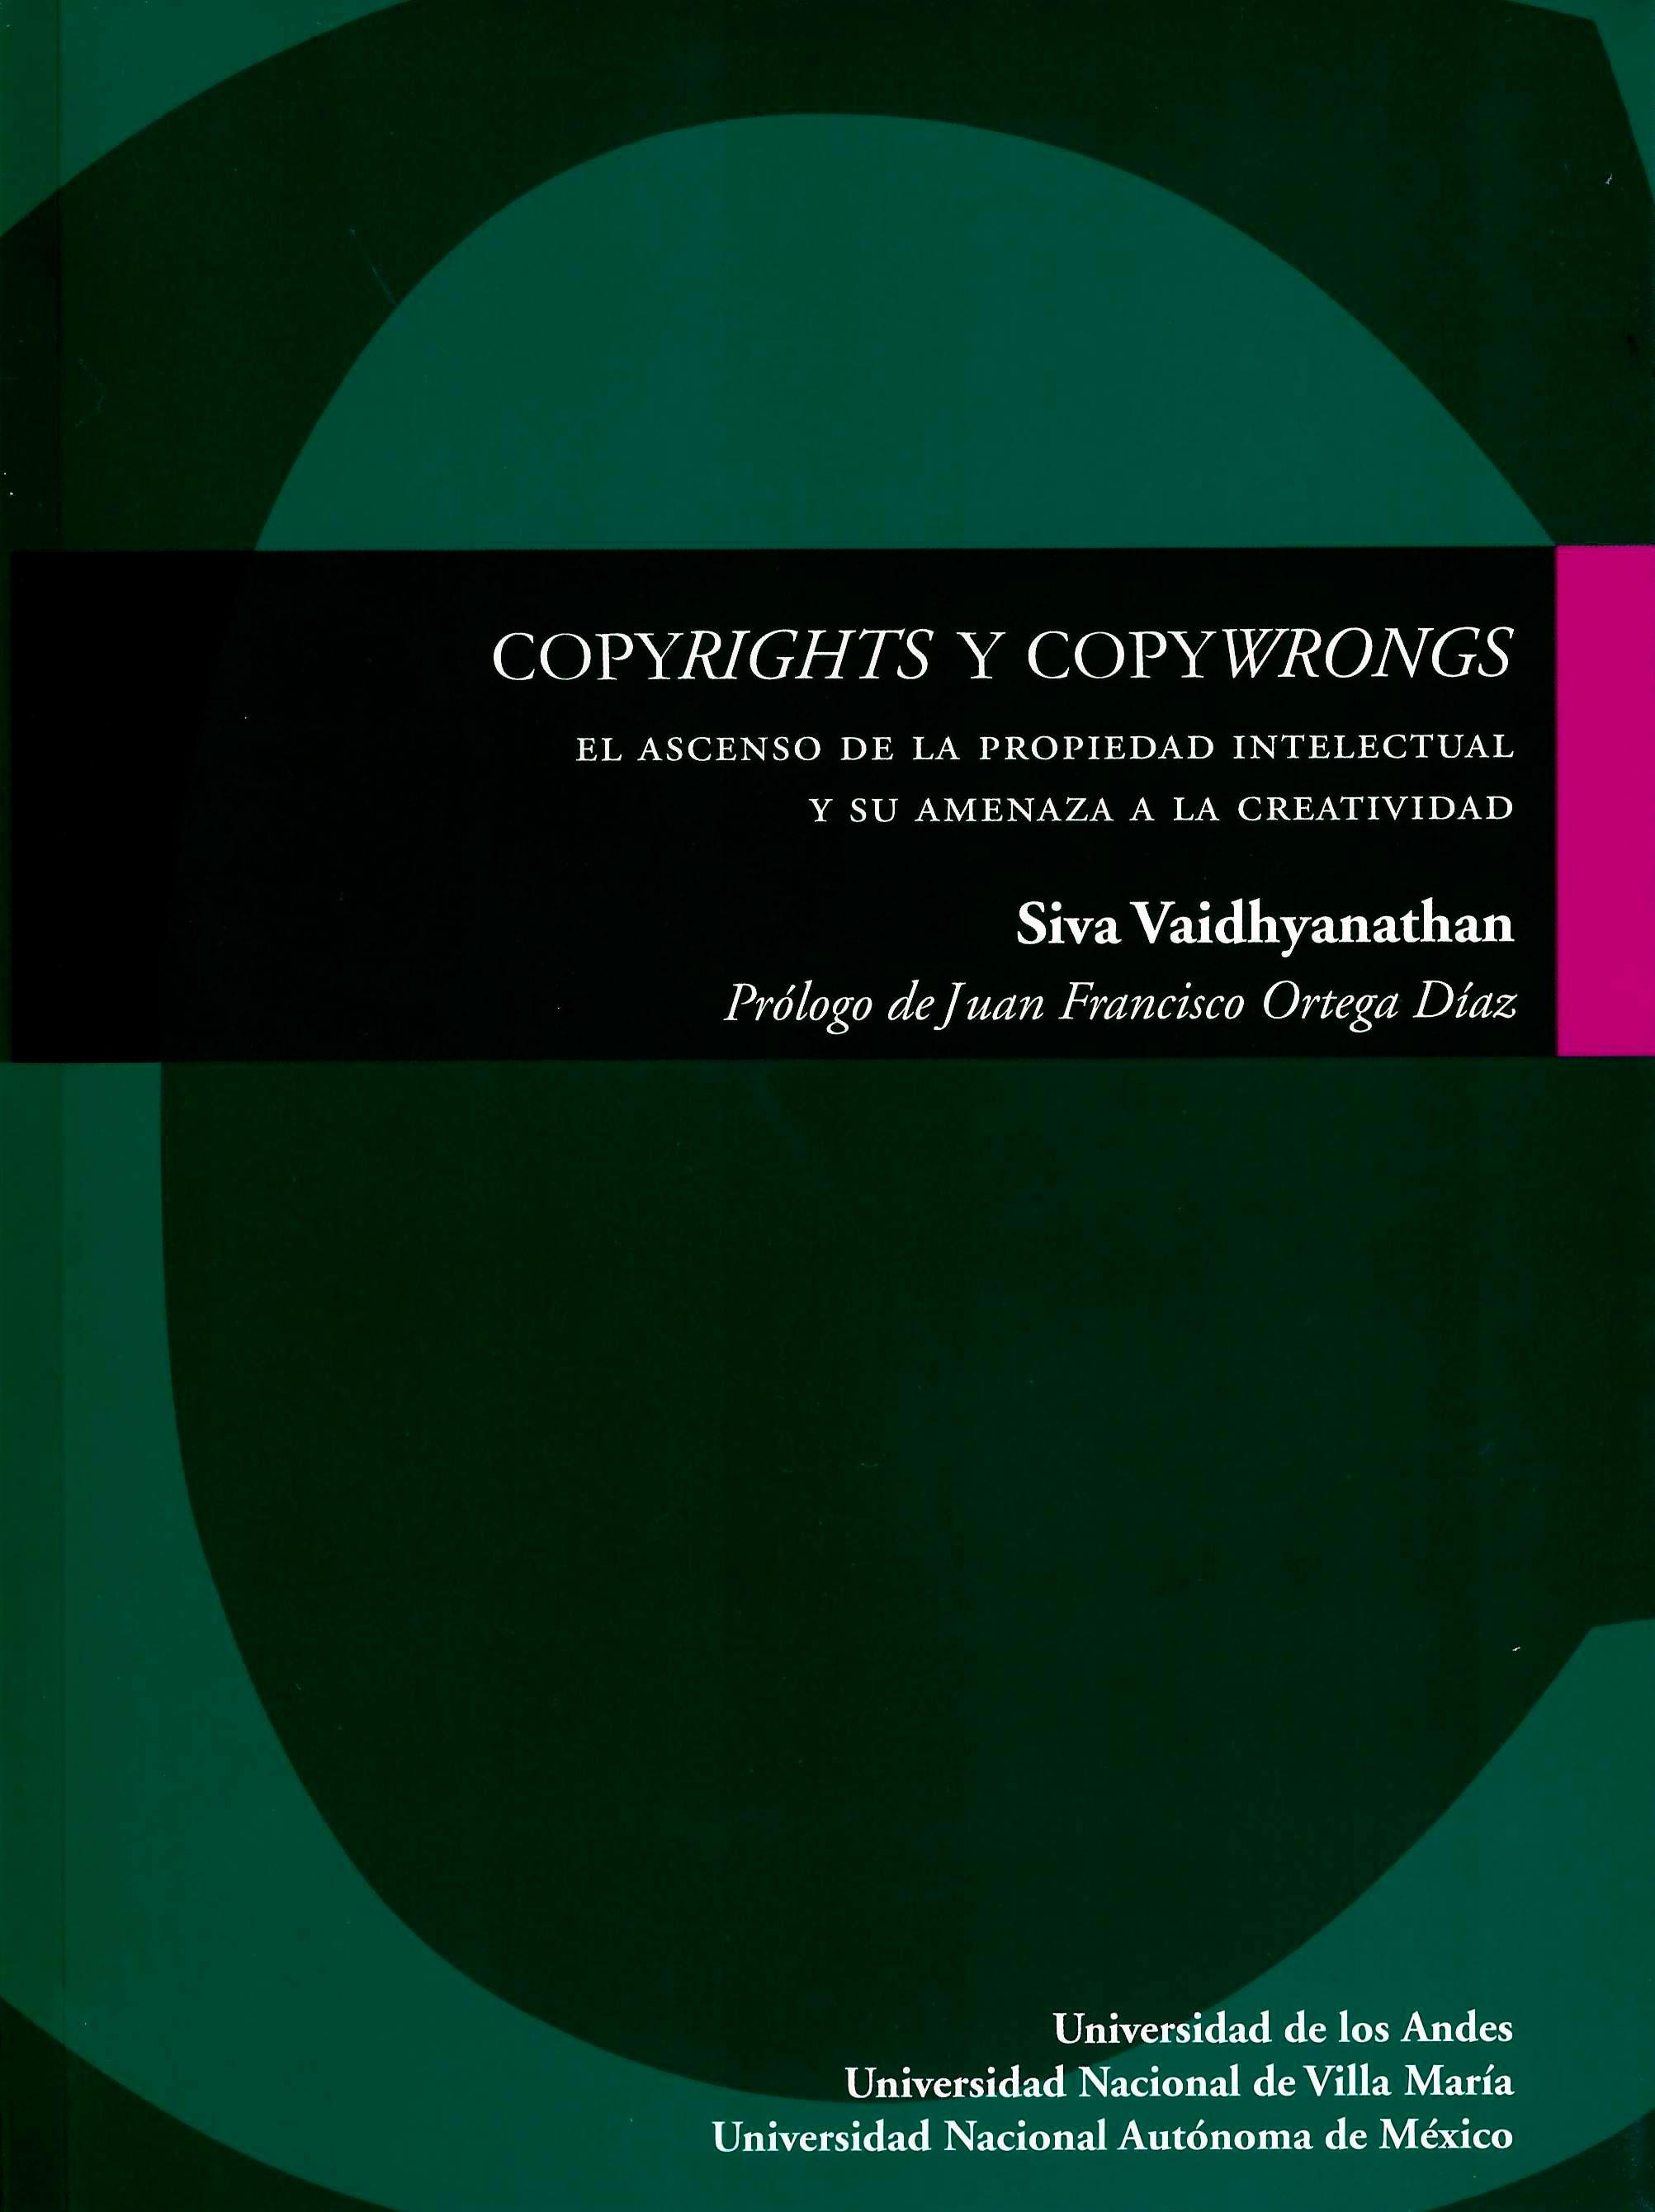 Copyrights y copywrongs. El ascenso de la propiedad intelectual y su amenaza a la creatividad